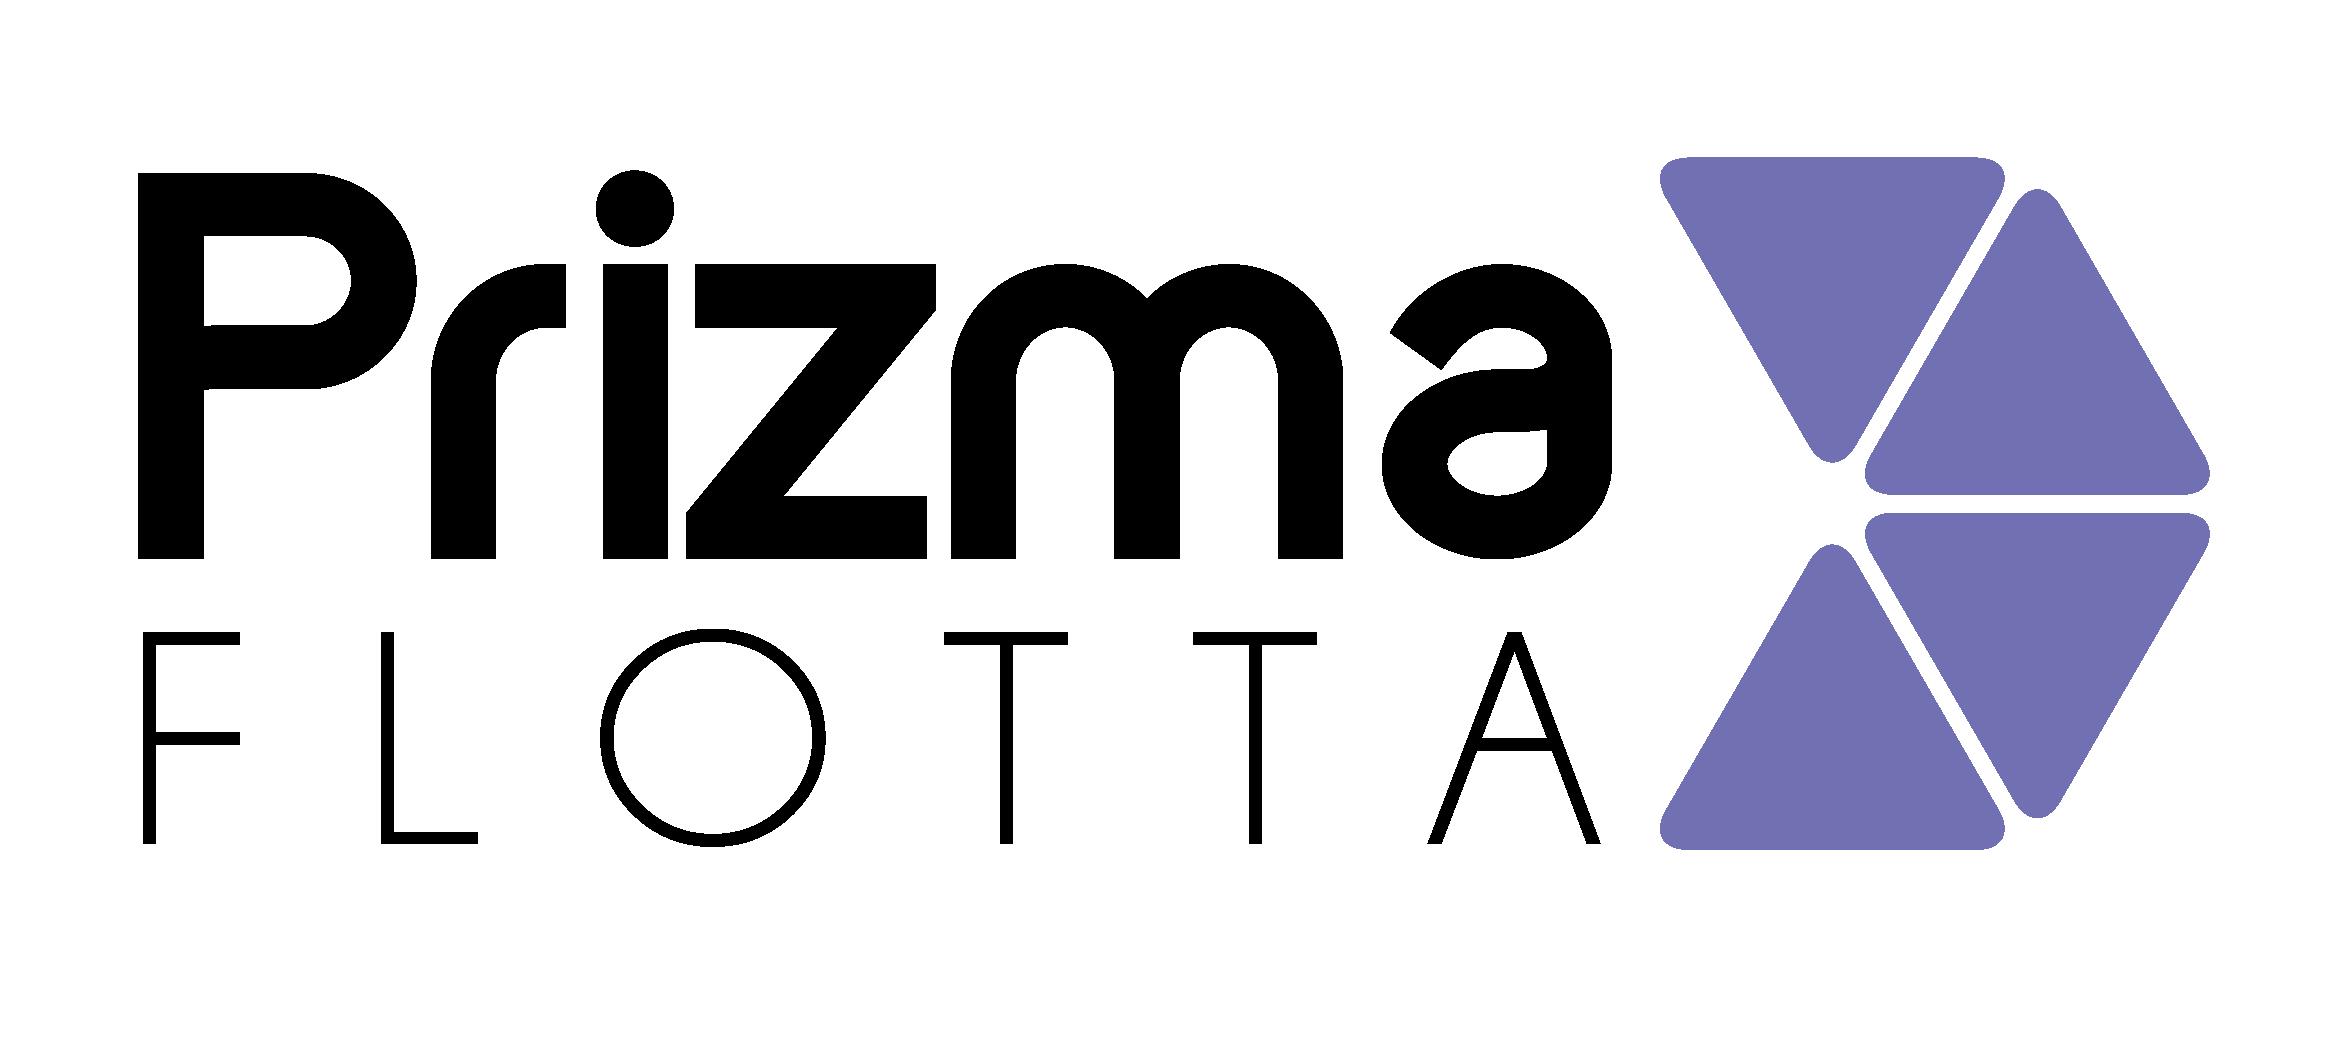 Prizma Csoport - Szolgáltatások - Flottakezelés